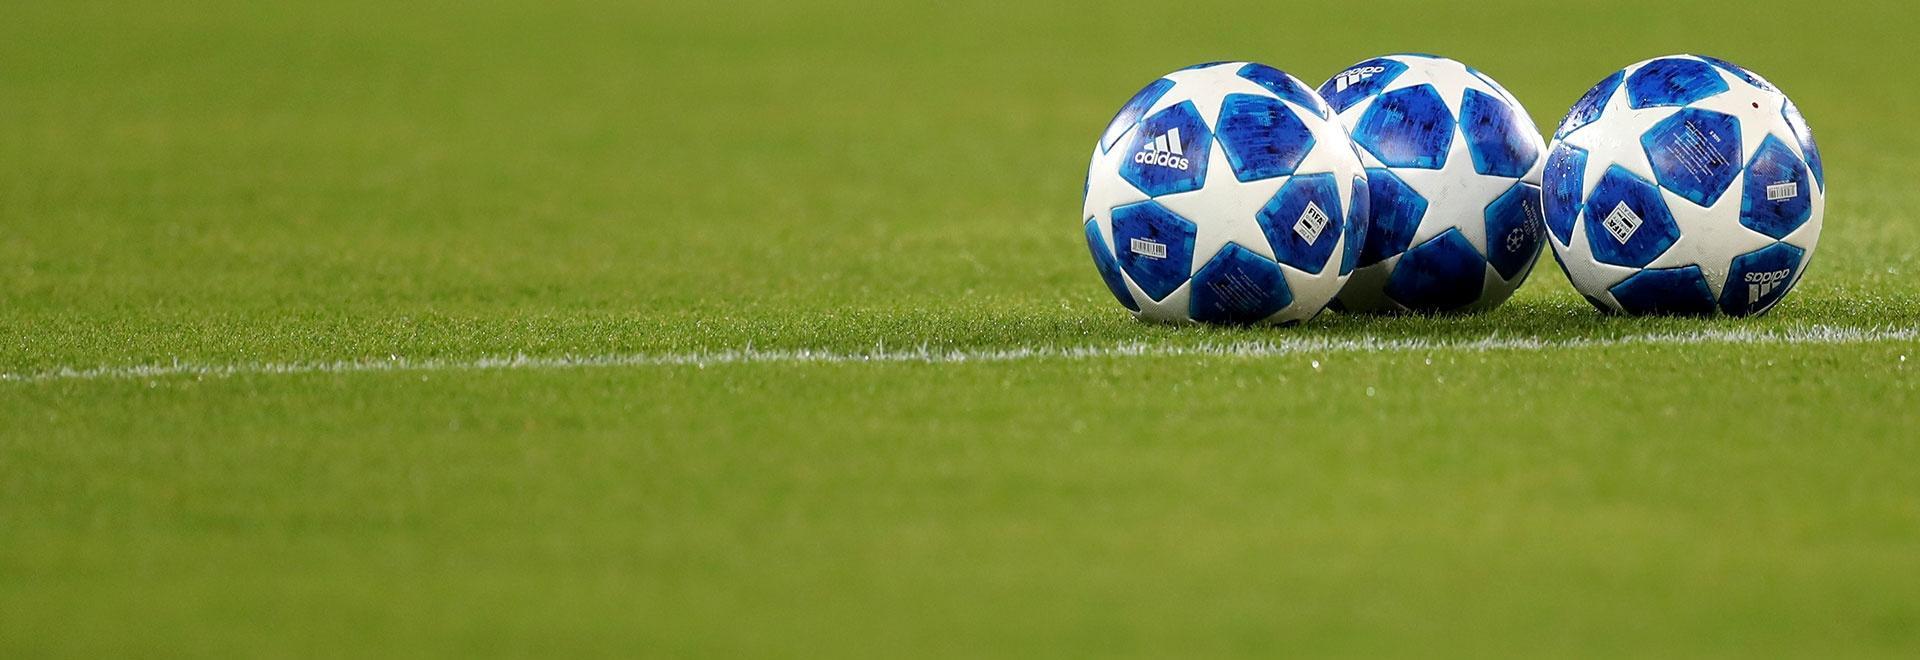 Liverpool - Real Madrid 10/03/09